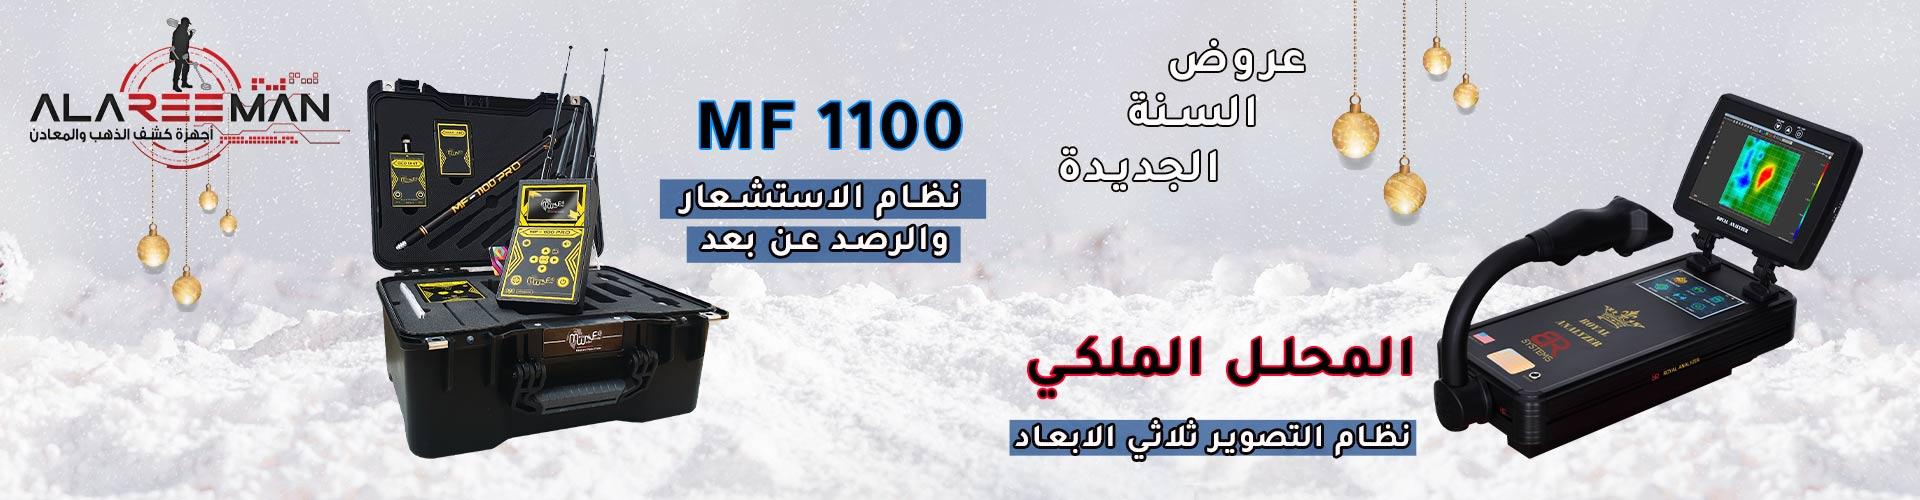 royalanalyzer + mf 1100